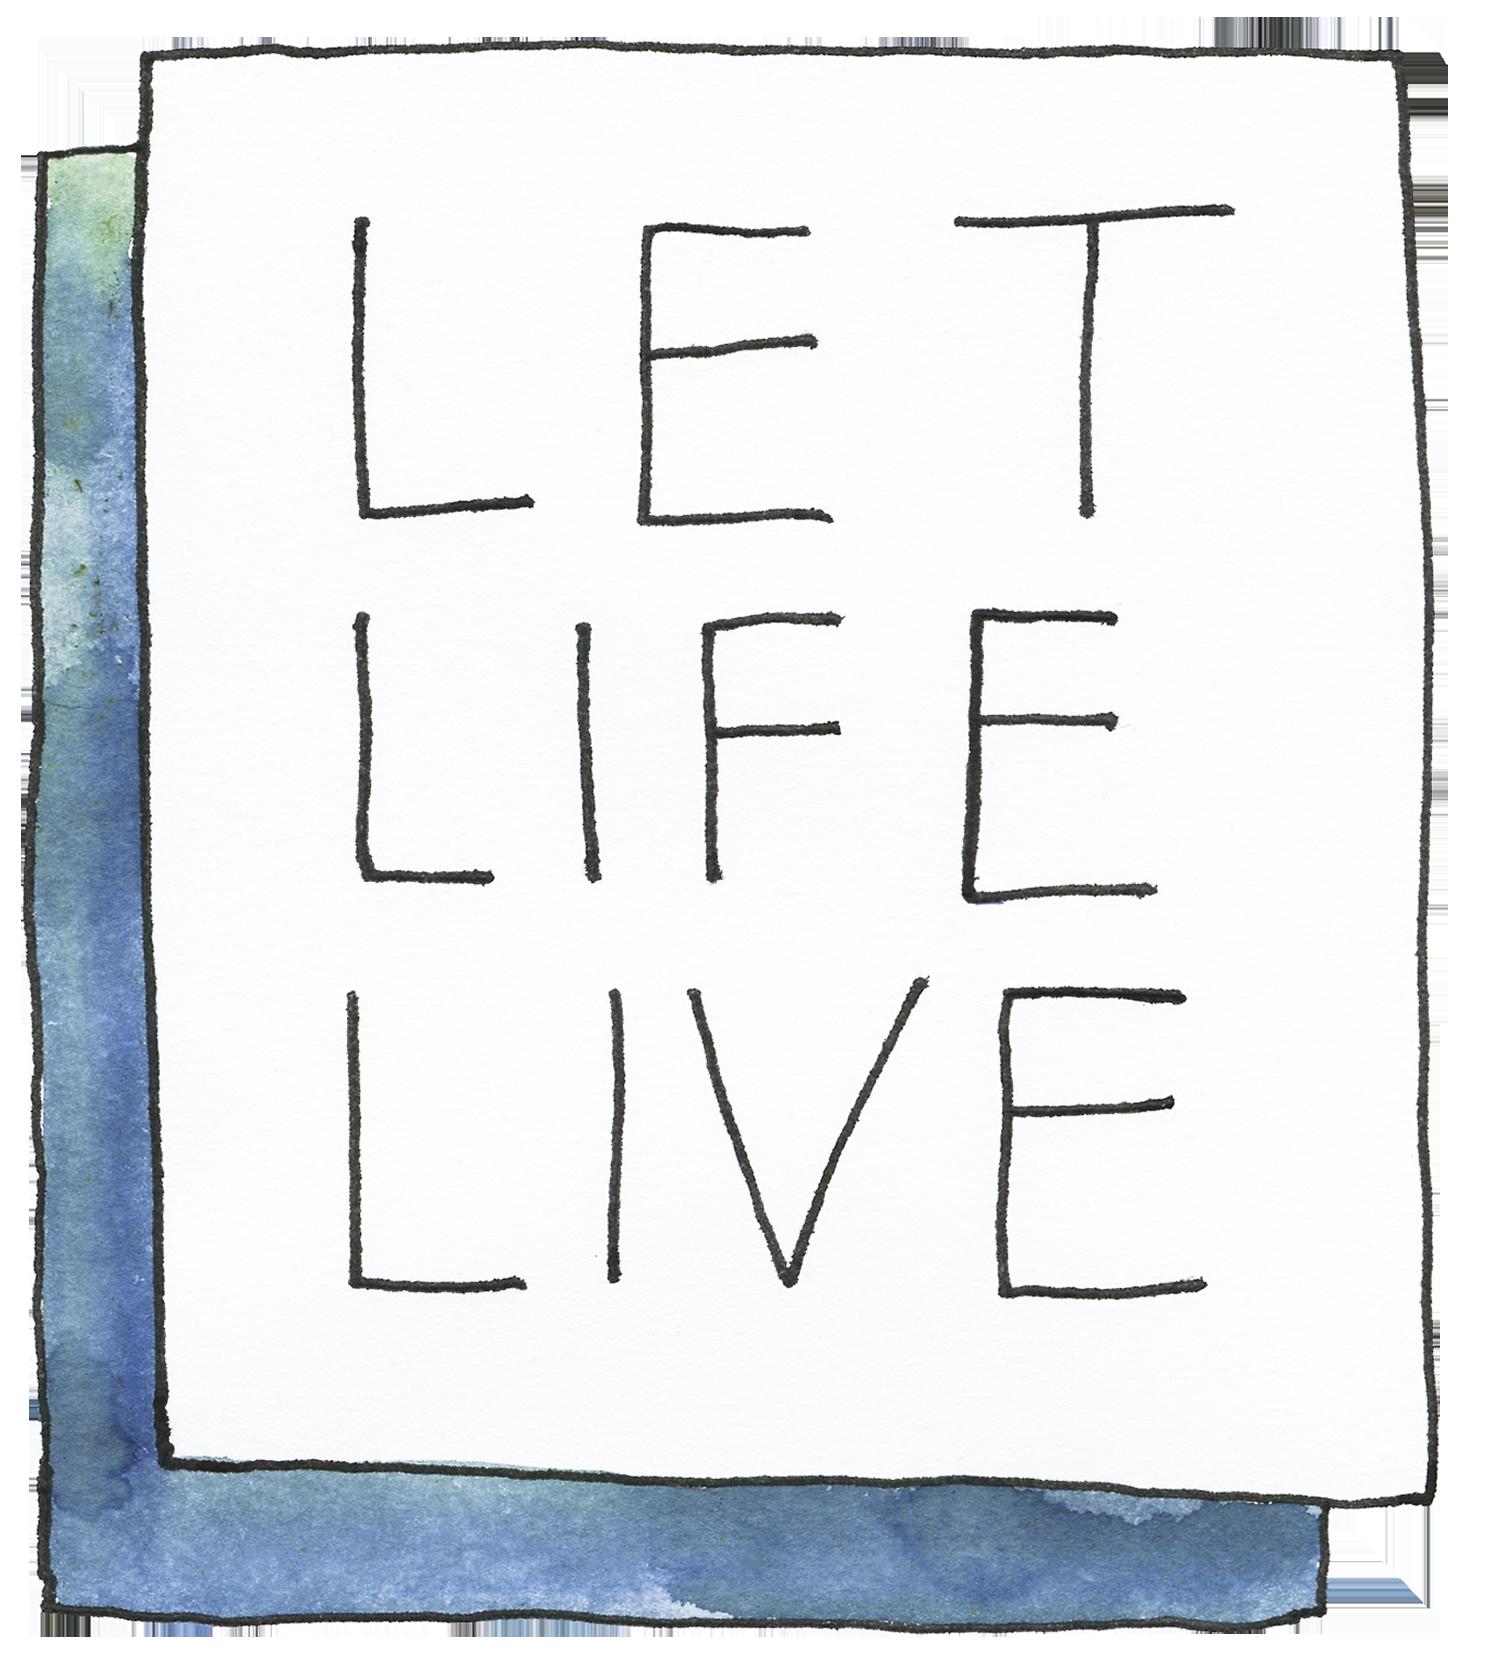 letlifelive.png